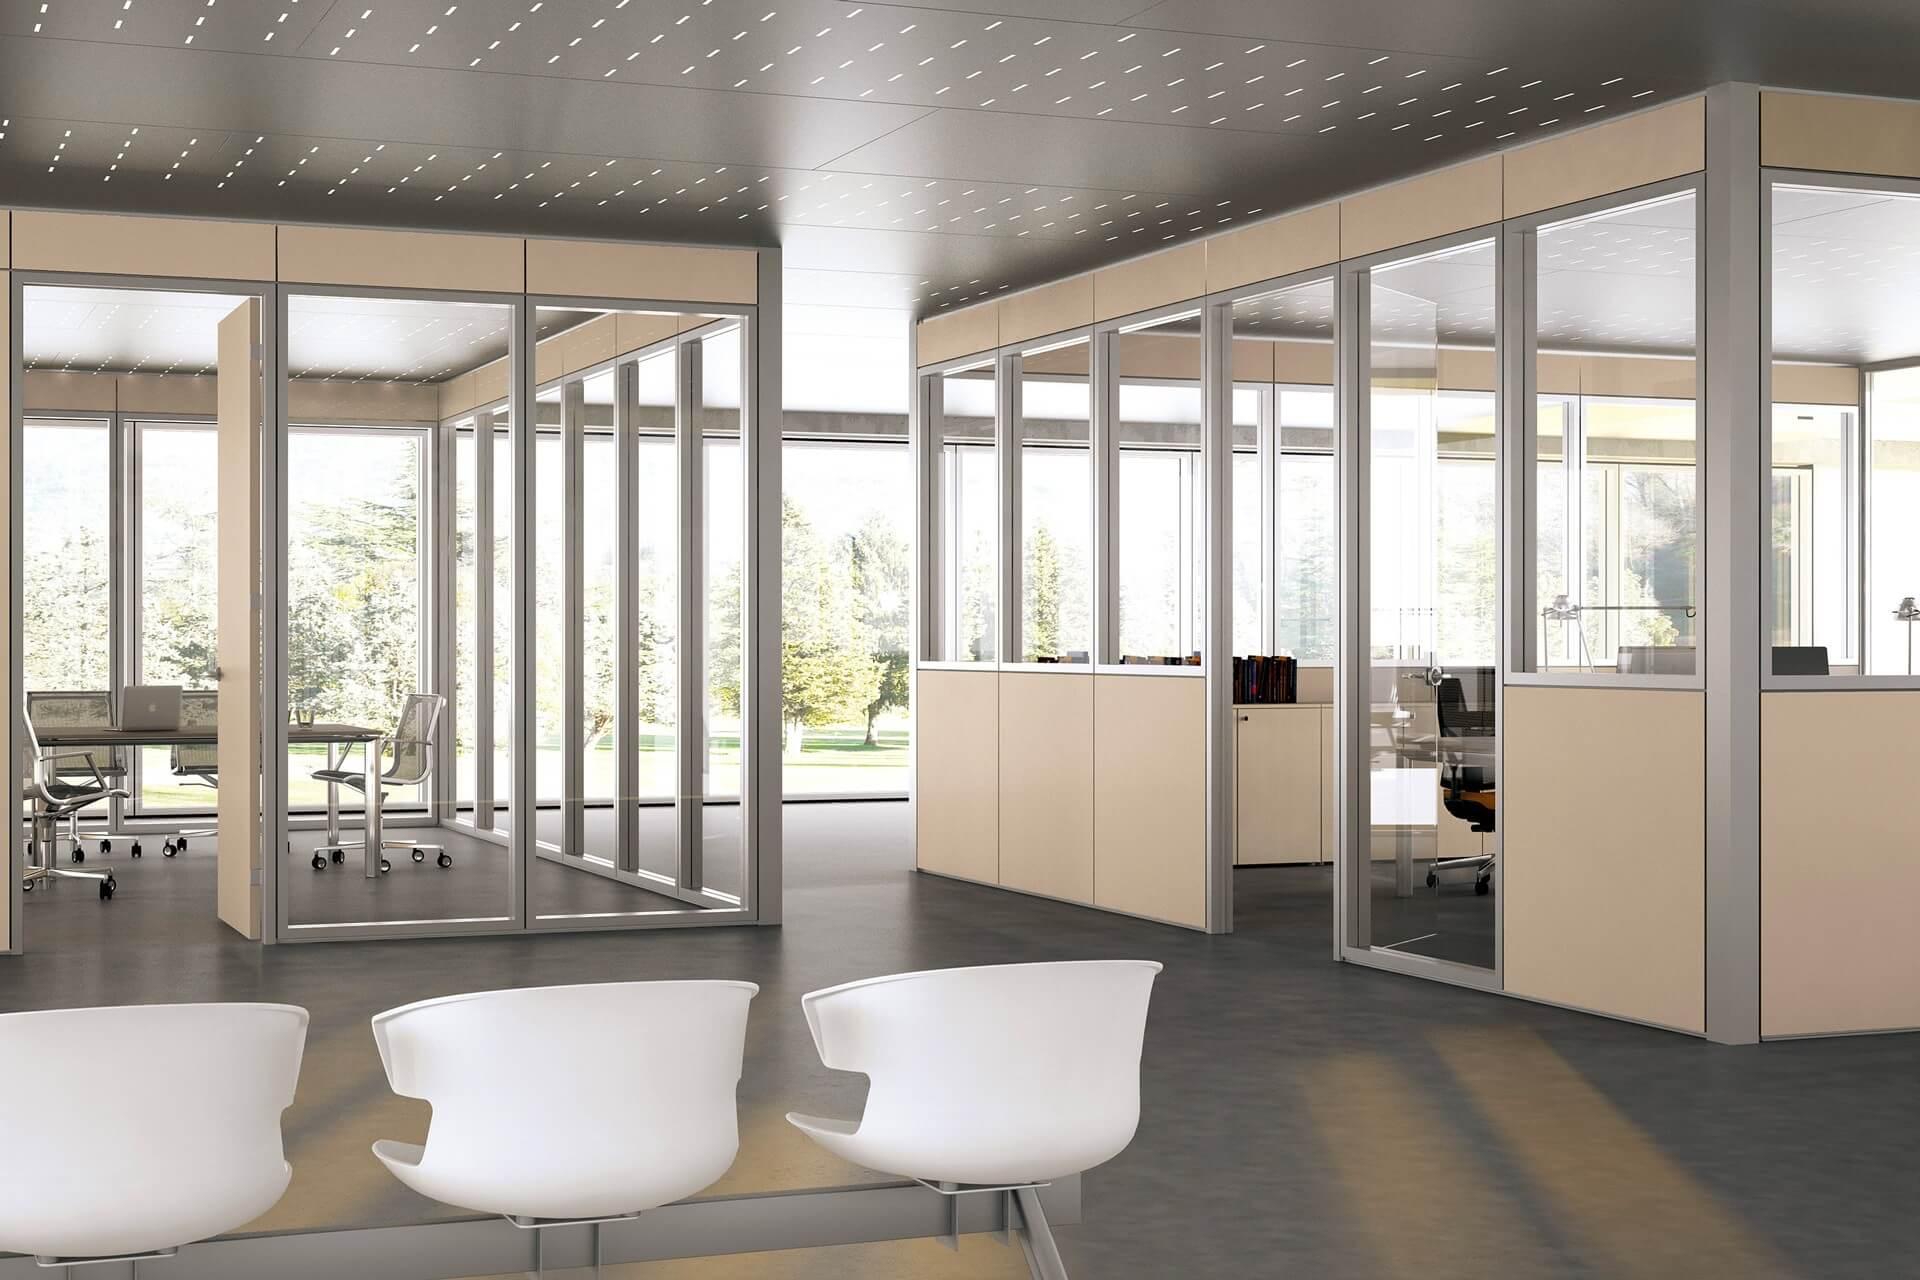 Parete divisoria in legno parete divisoria cieco vetrata con struttura in alluminio - Parete divisoria in legno ...